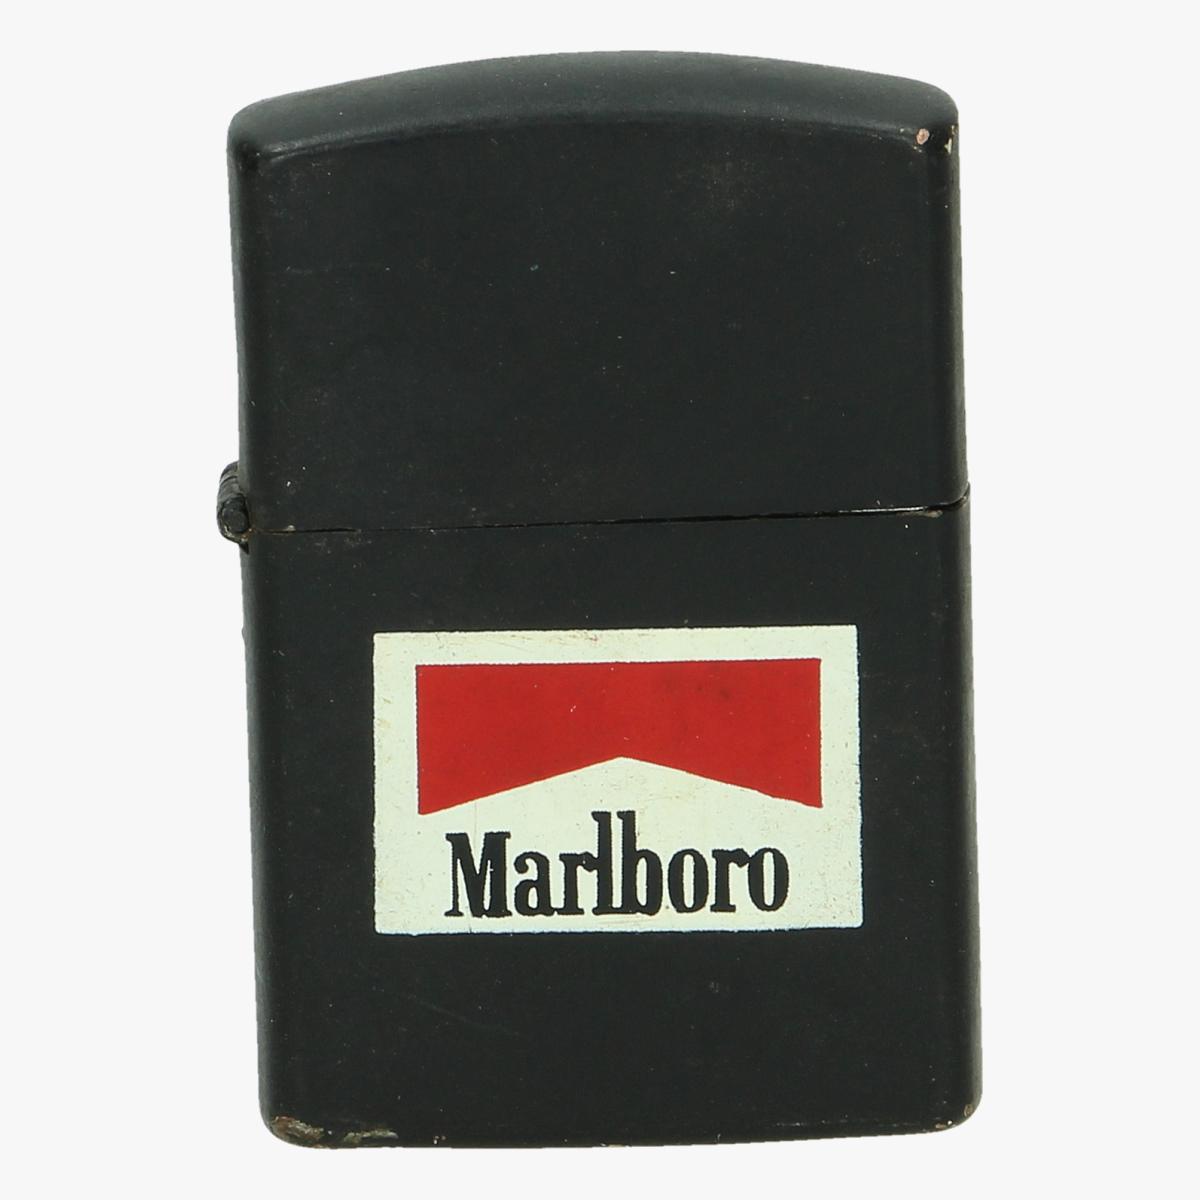 Afbeeldingen van aansteker marlboro